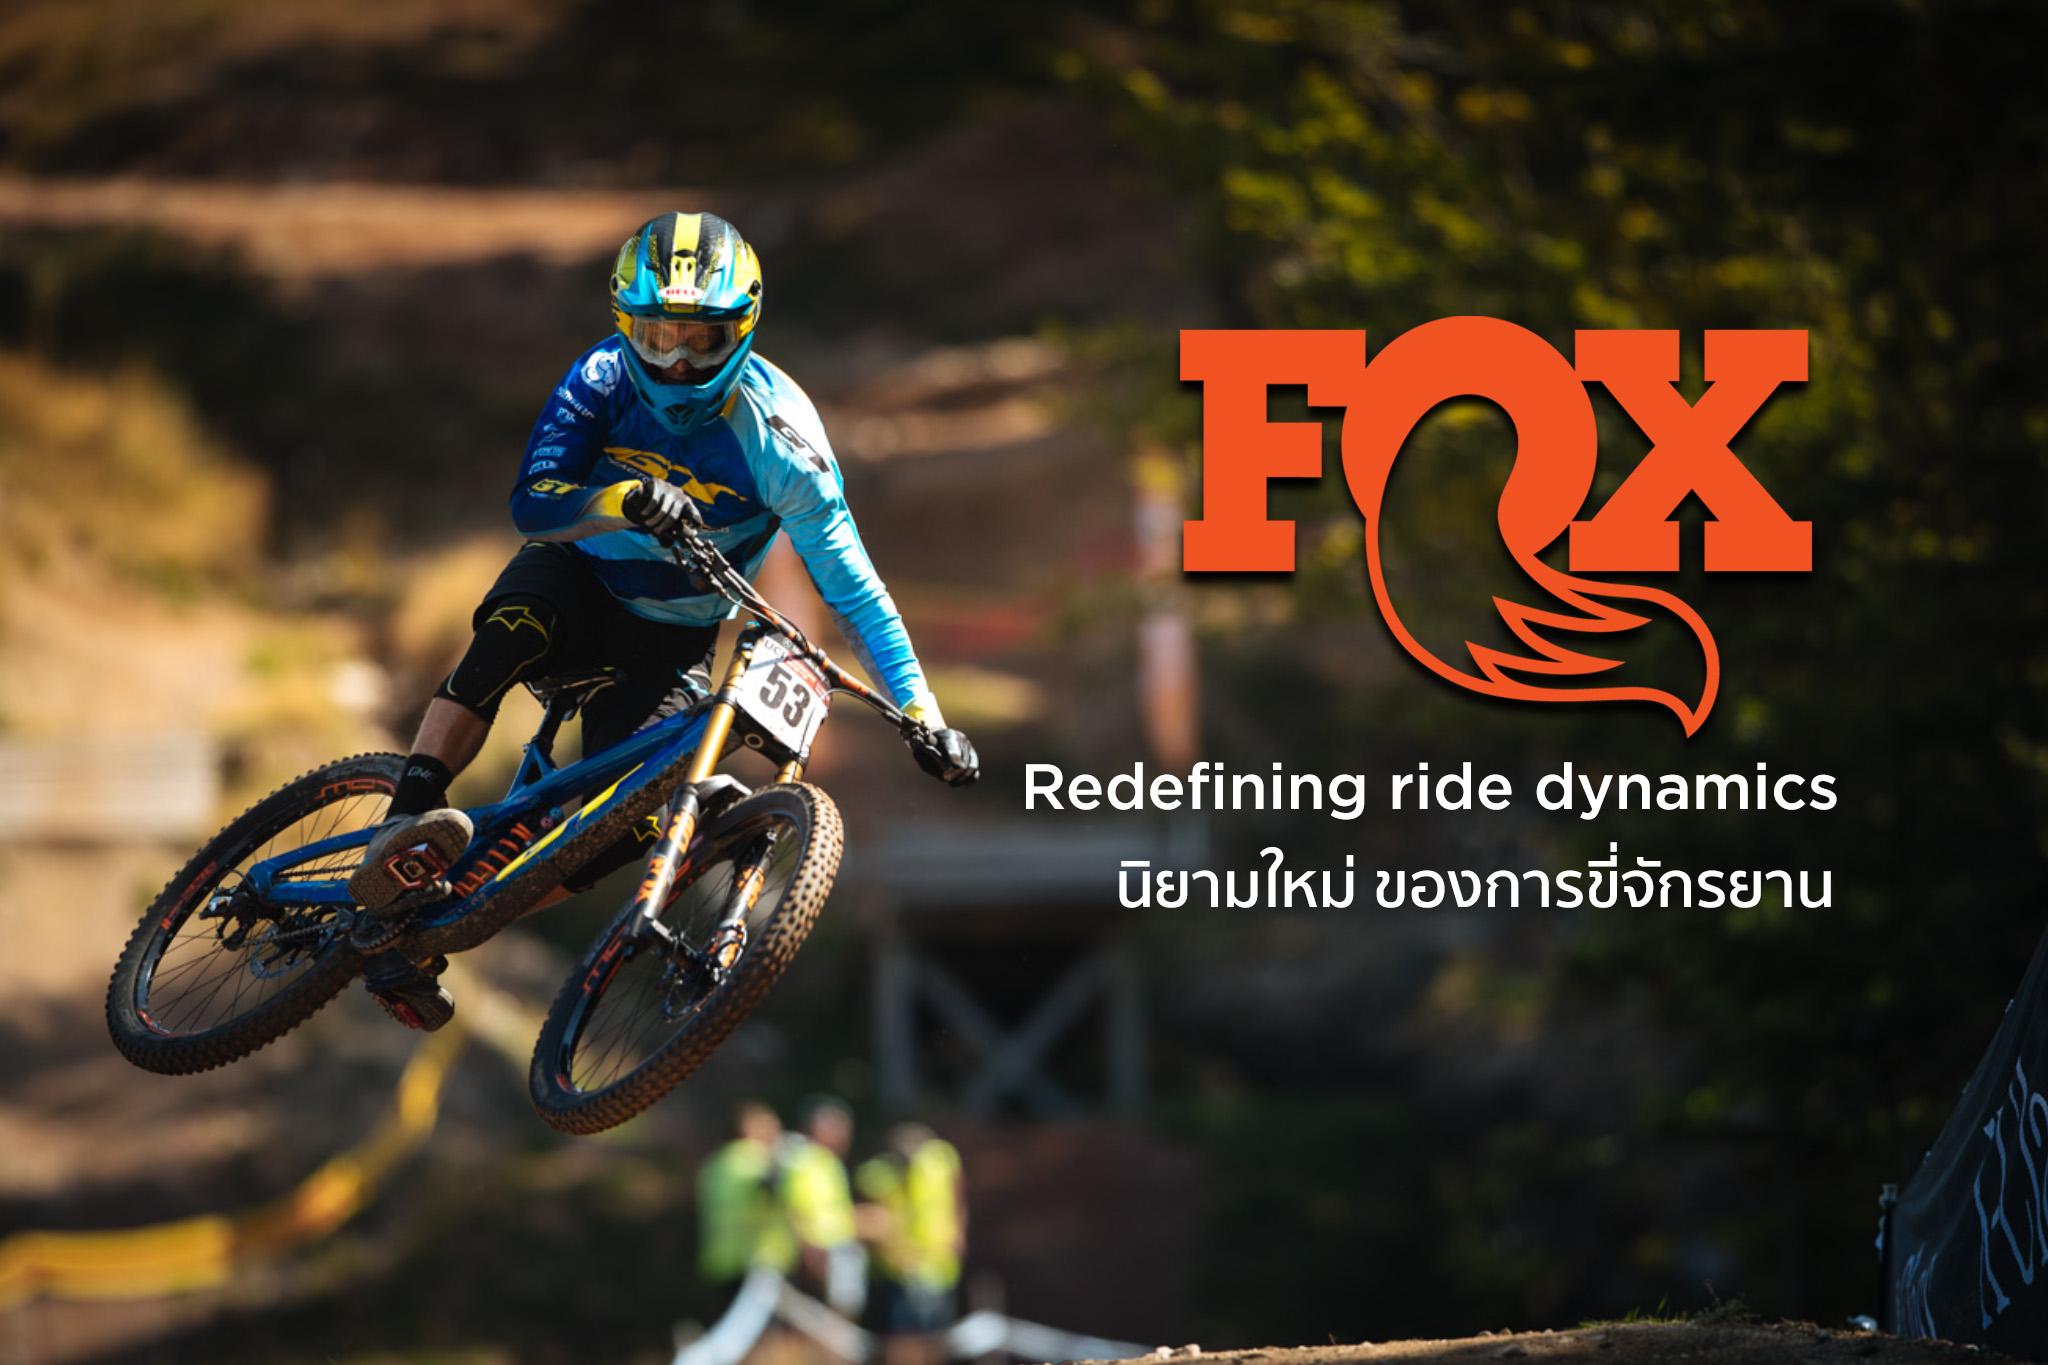 FOX RACINGSHOX โช๊คจักรยาน อันดับหนึ่งของโลก